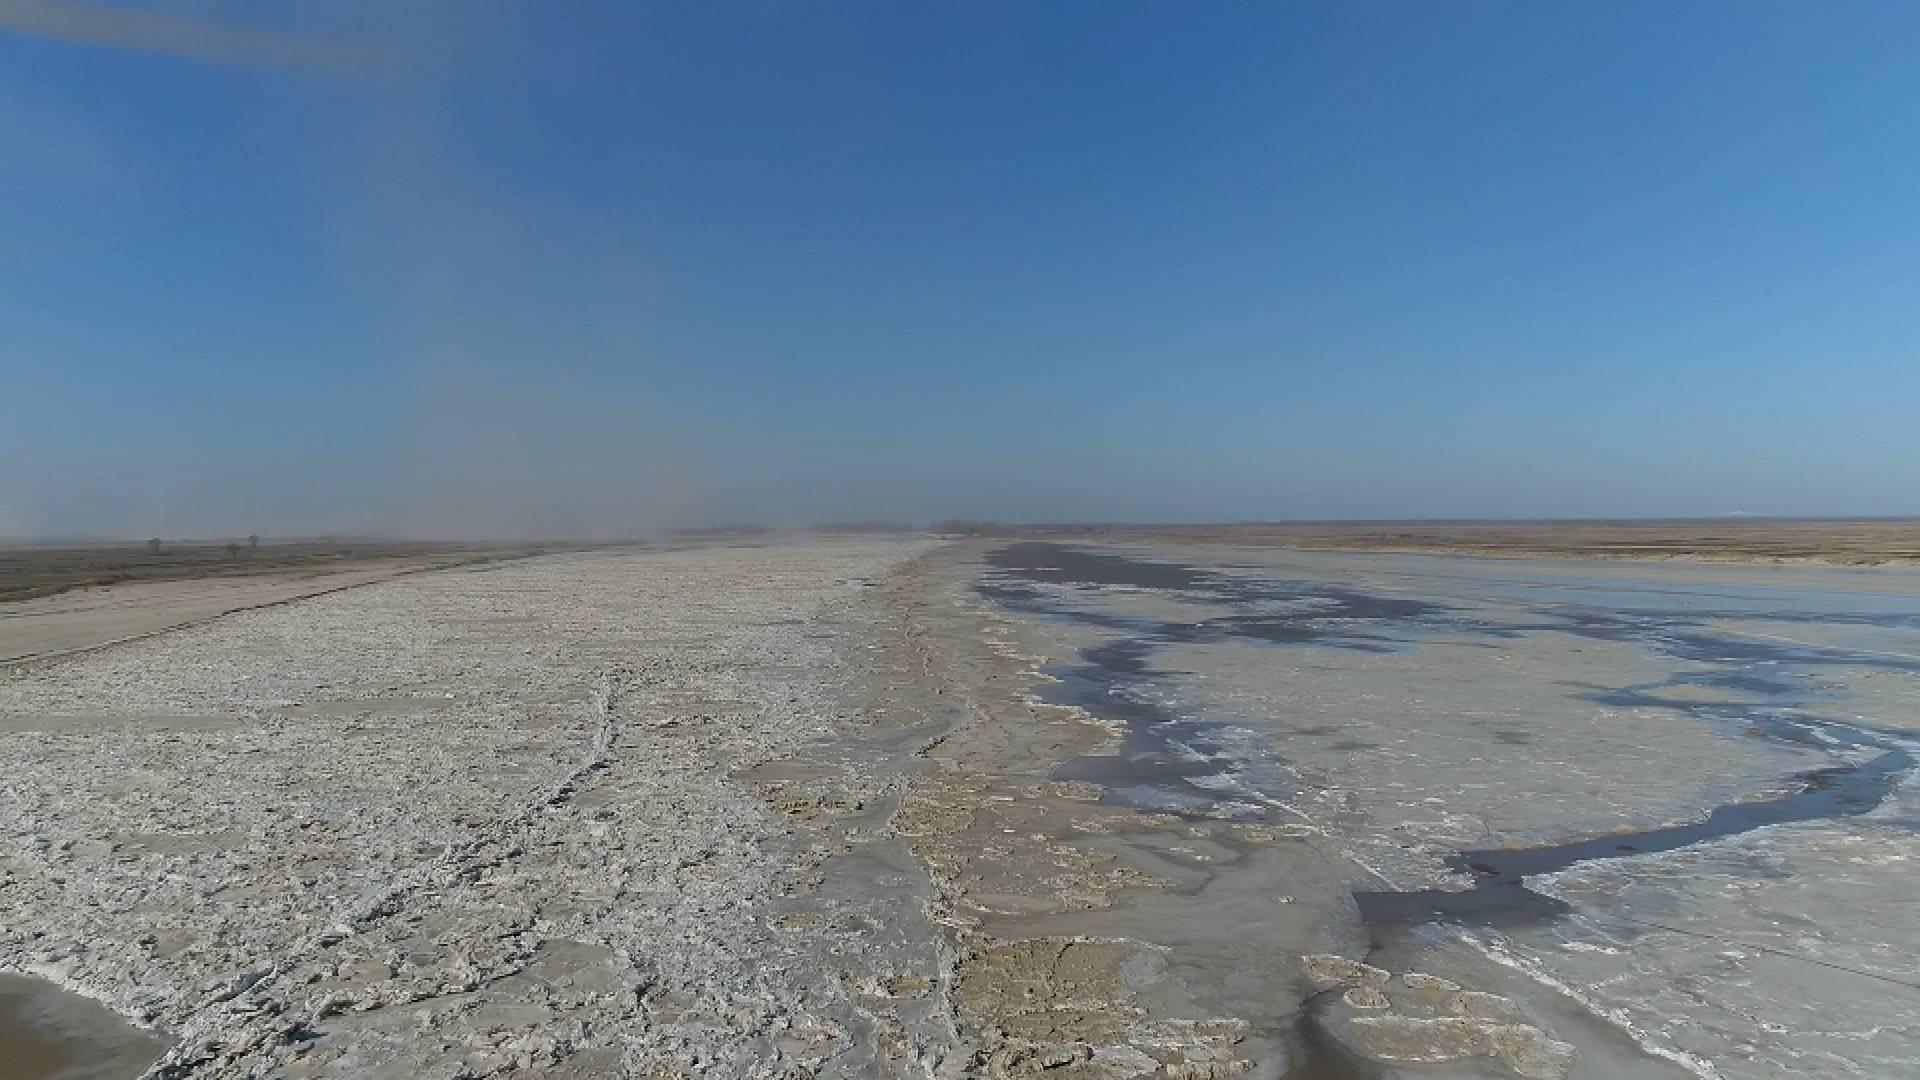 87秒丨黄河东营段首现封河 最大冰块面积300平方米